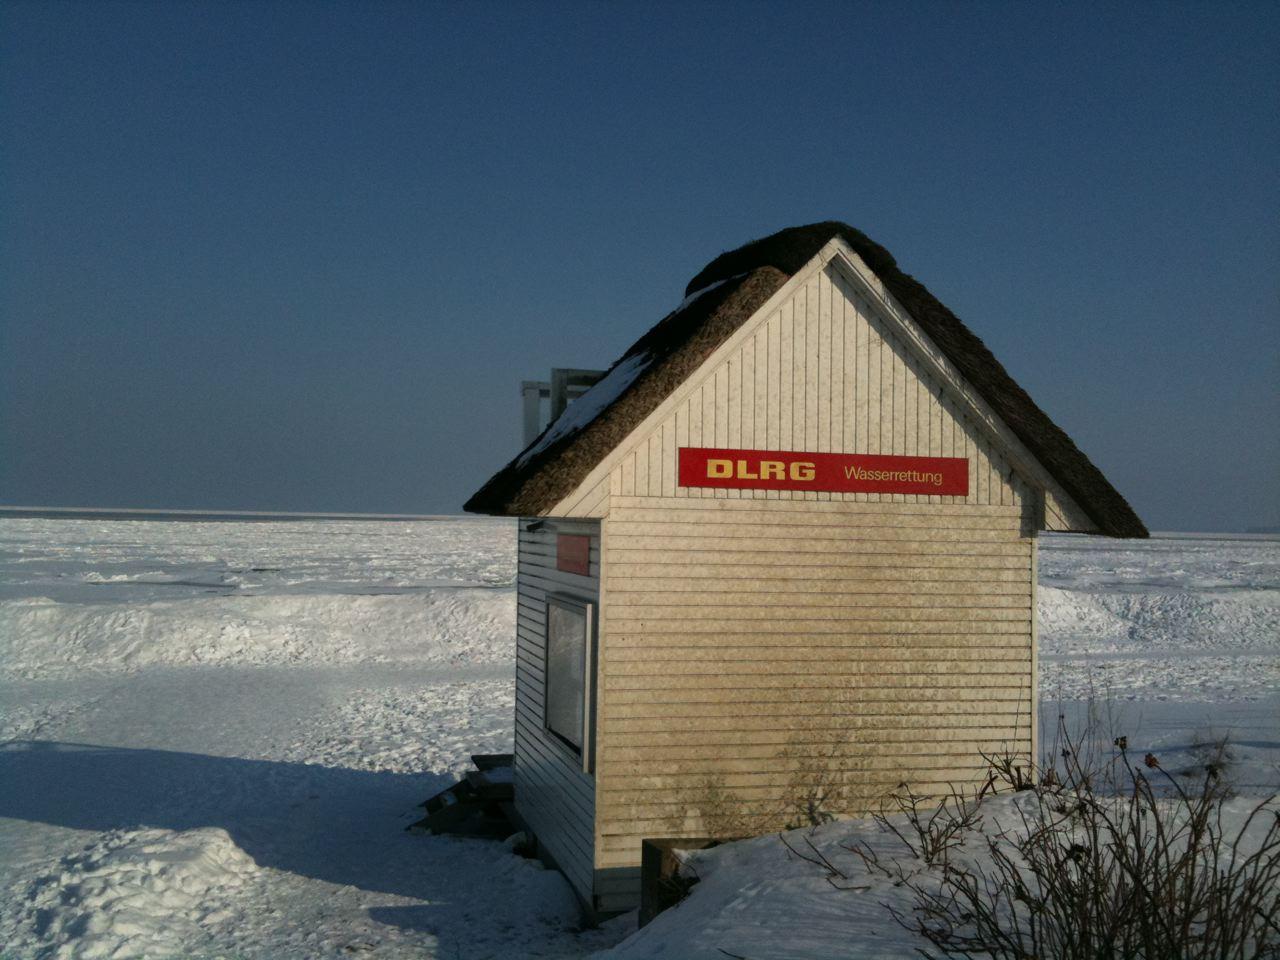 baden Sie in der Ostsee,